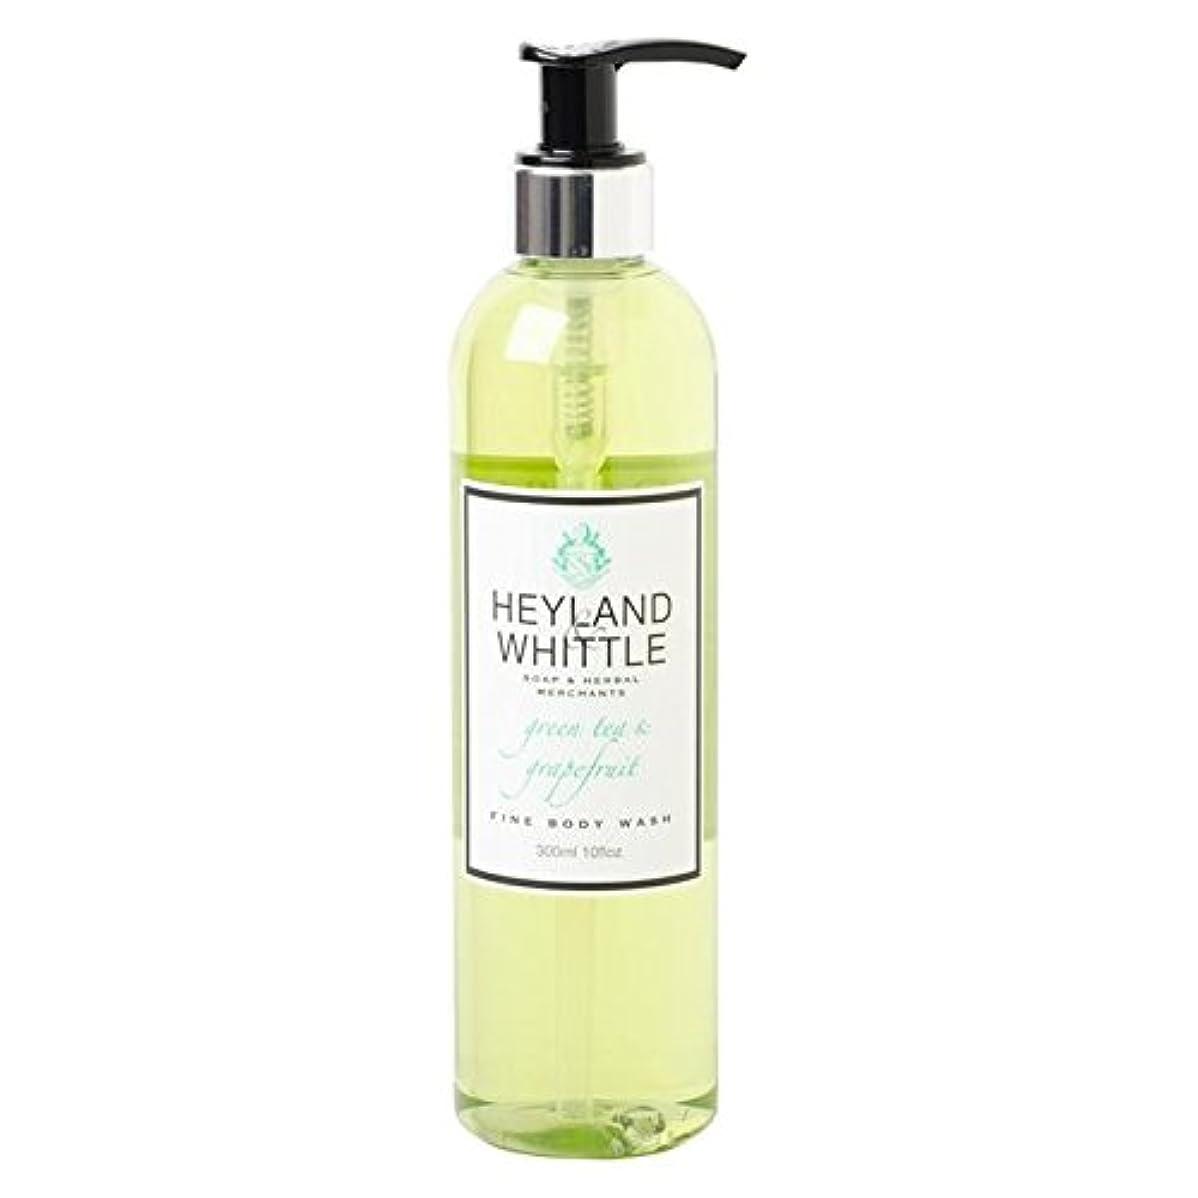 ジェスチャーピニオン黒板Heyland & Whittle Greentea & Grapefruit Body Wash 300ml (Pack of 6) - &削るグリーンティ&グレープフルーツボディウォッシュ300ミリリットル x6 [...